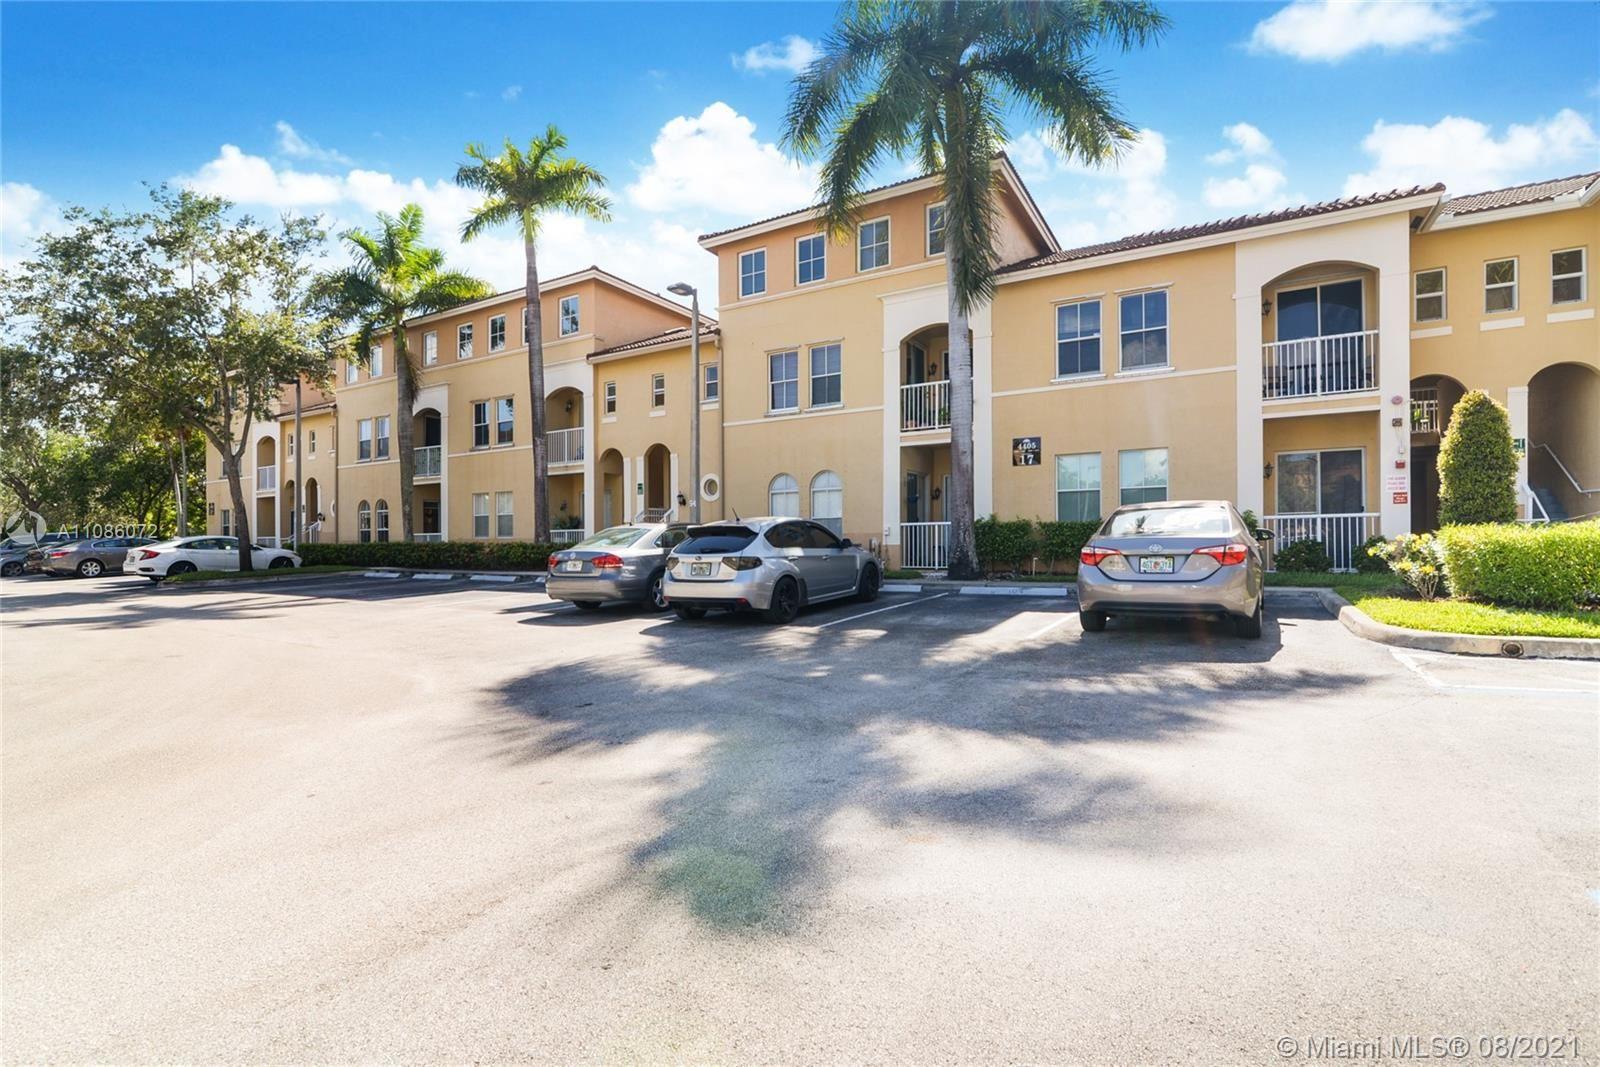 4405 SW 160th Ave #206, Miramar, FL 33027 - #: A11086072